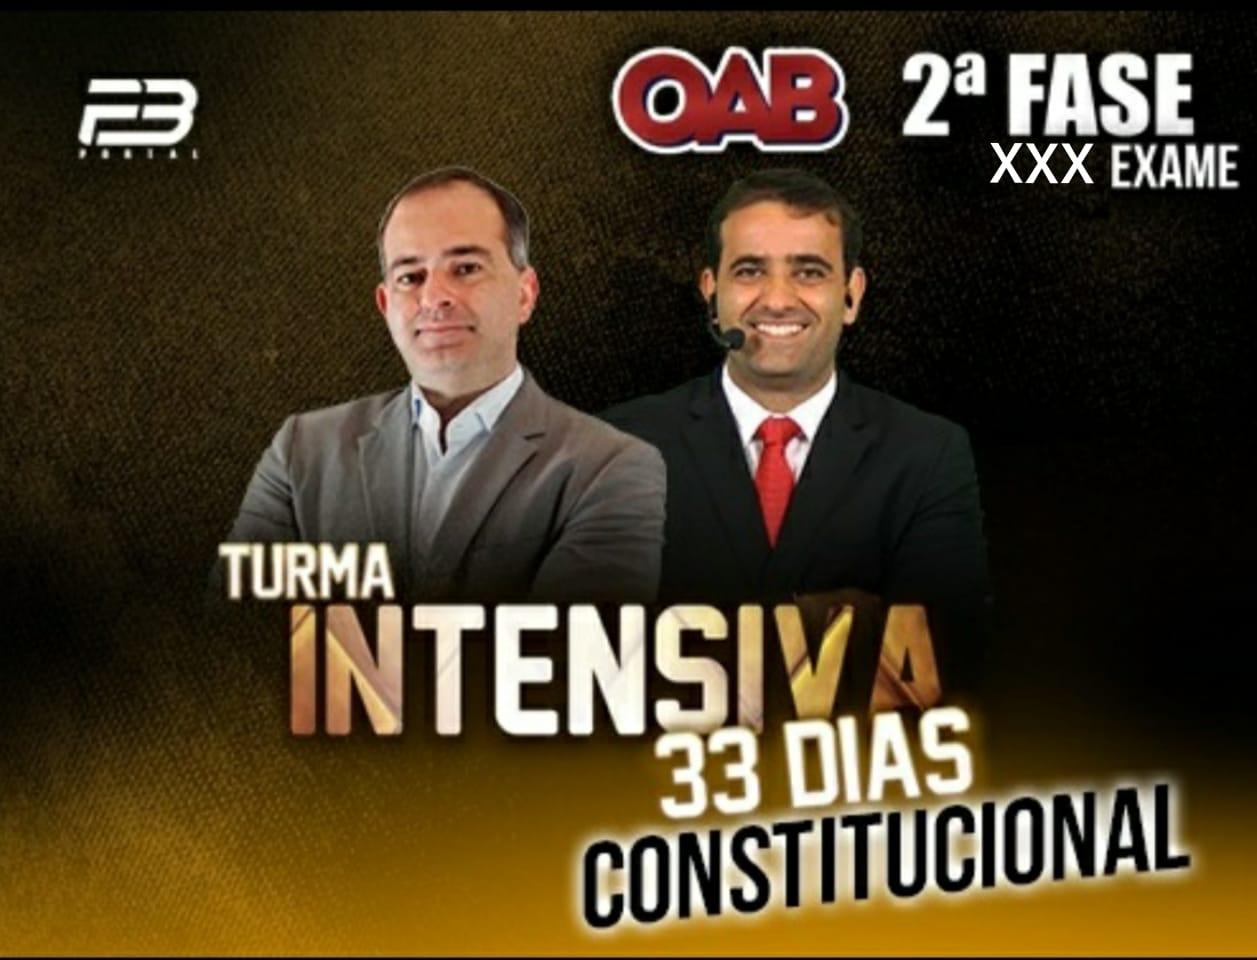 2ª FASE DIREITO CONSTITUCIONAL XXX EXAME -  INTENSIVÃO 33 DIAS